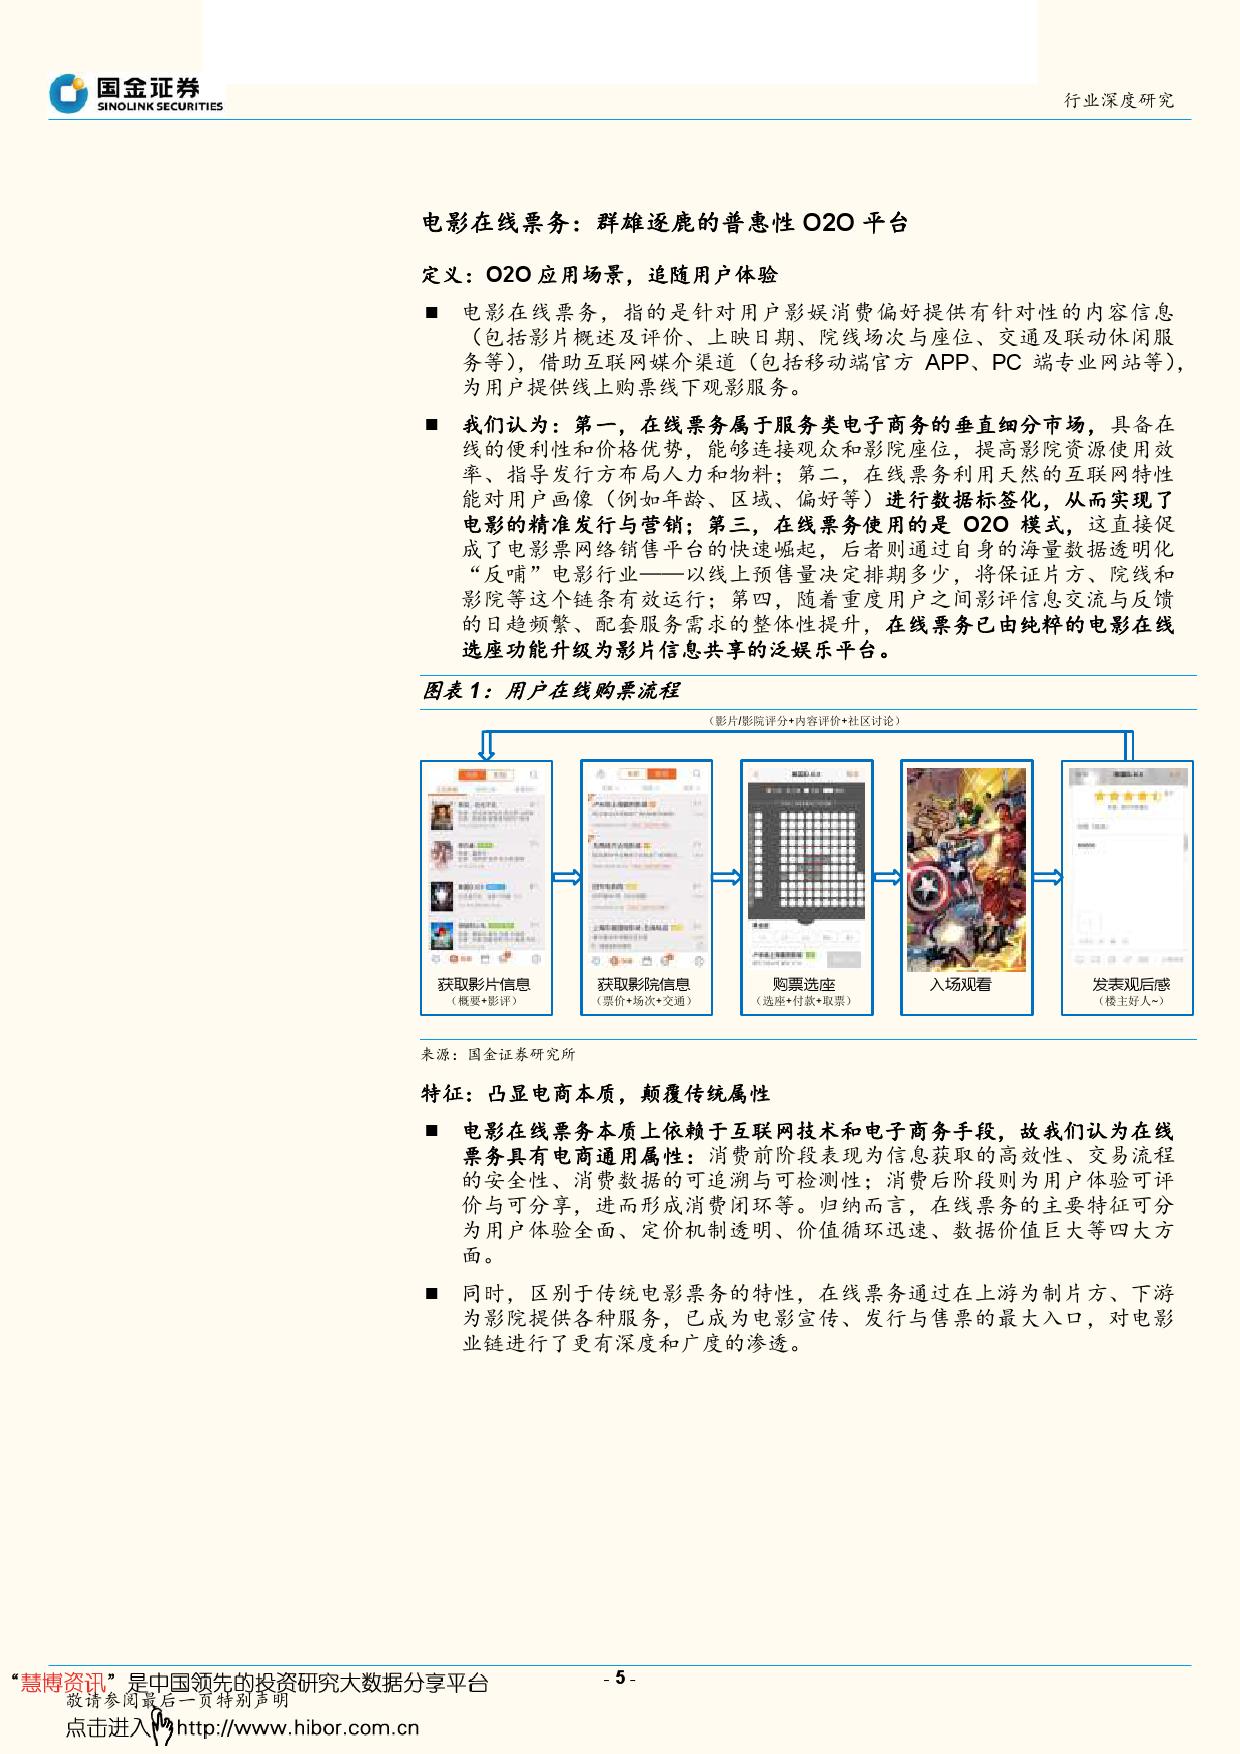 传媒互联网行业 在线票务深度报告_000005